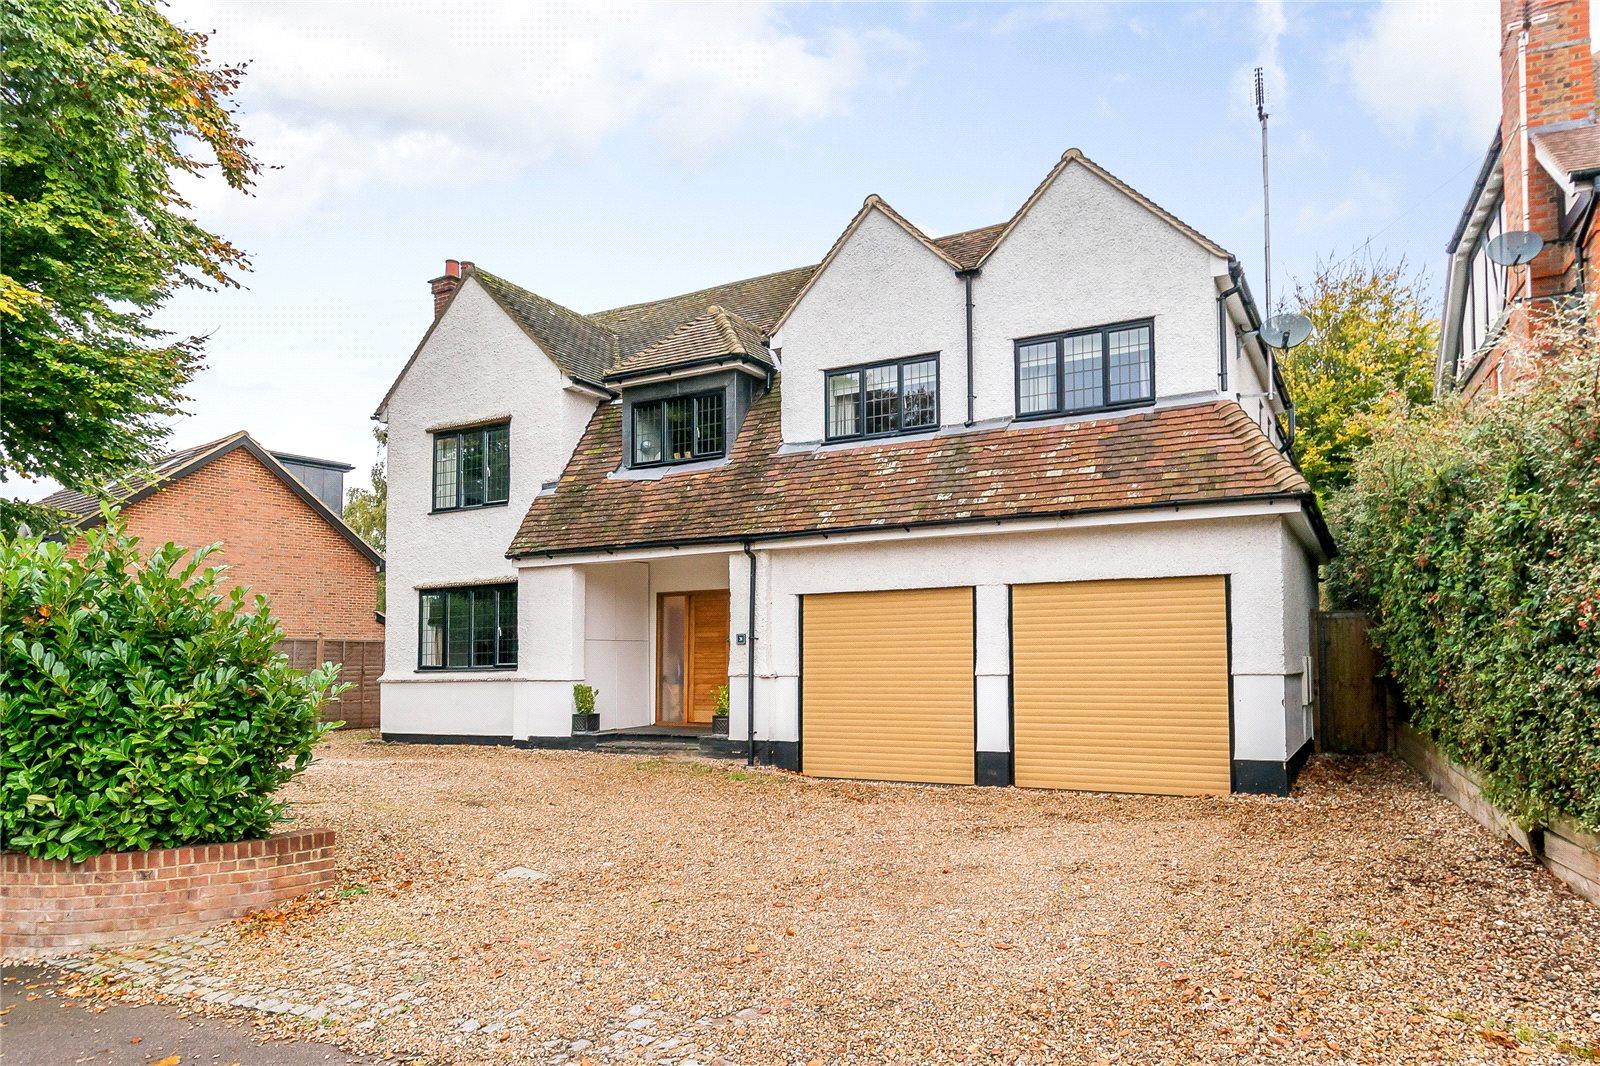 Μονοκατοικία για την Πώληση στο Crabtree Lane, Harpenden, Hertfordshire, AL5 Harpenden, Αγγλια